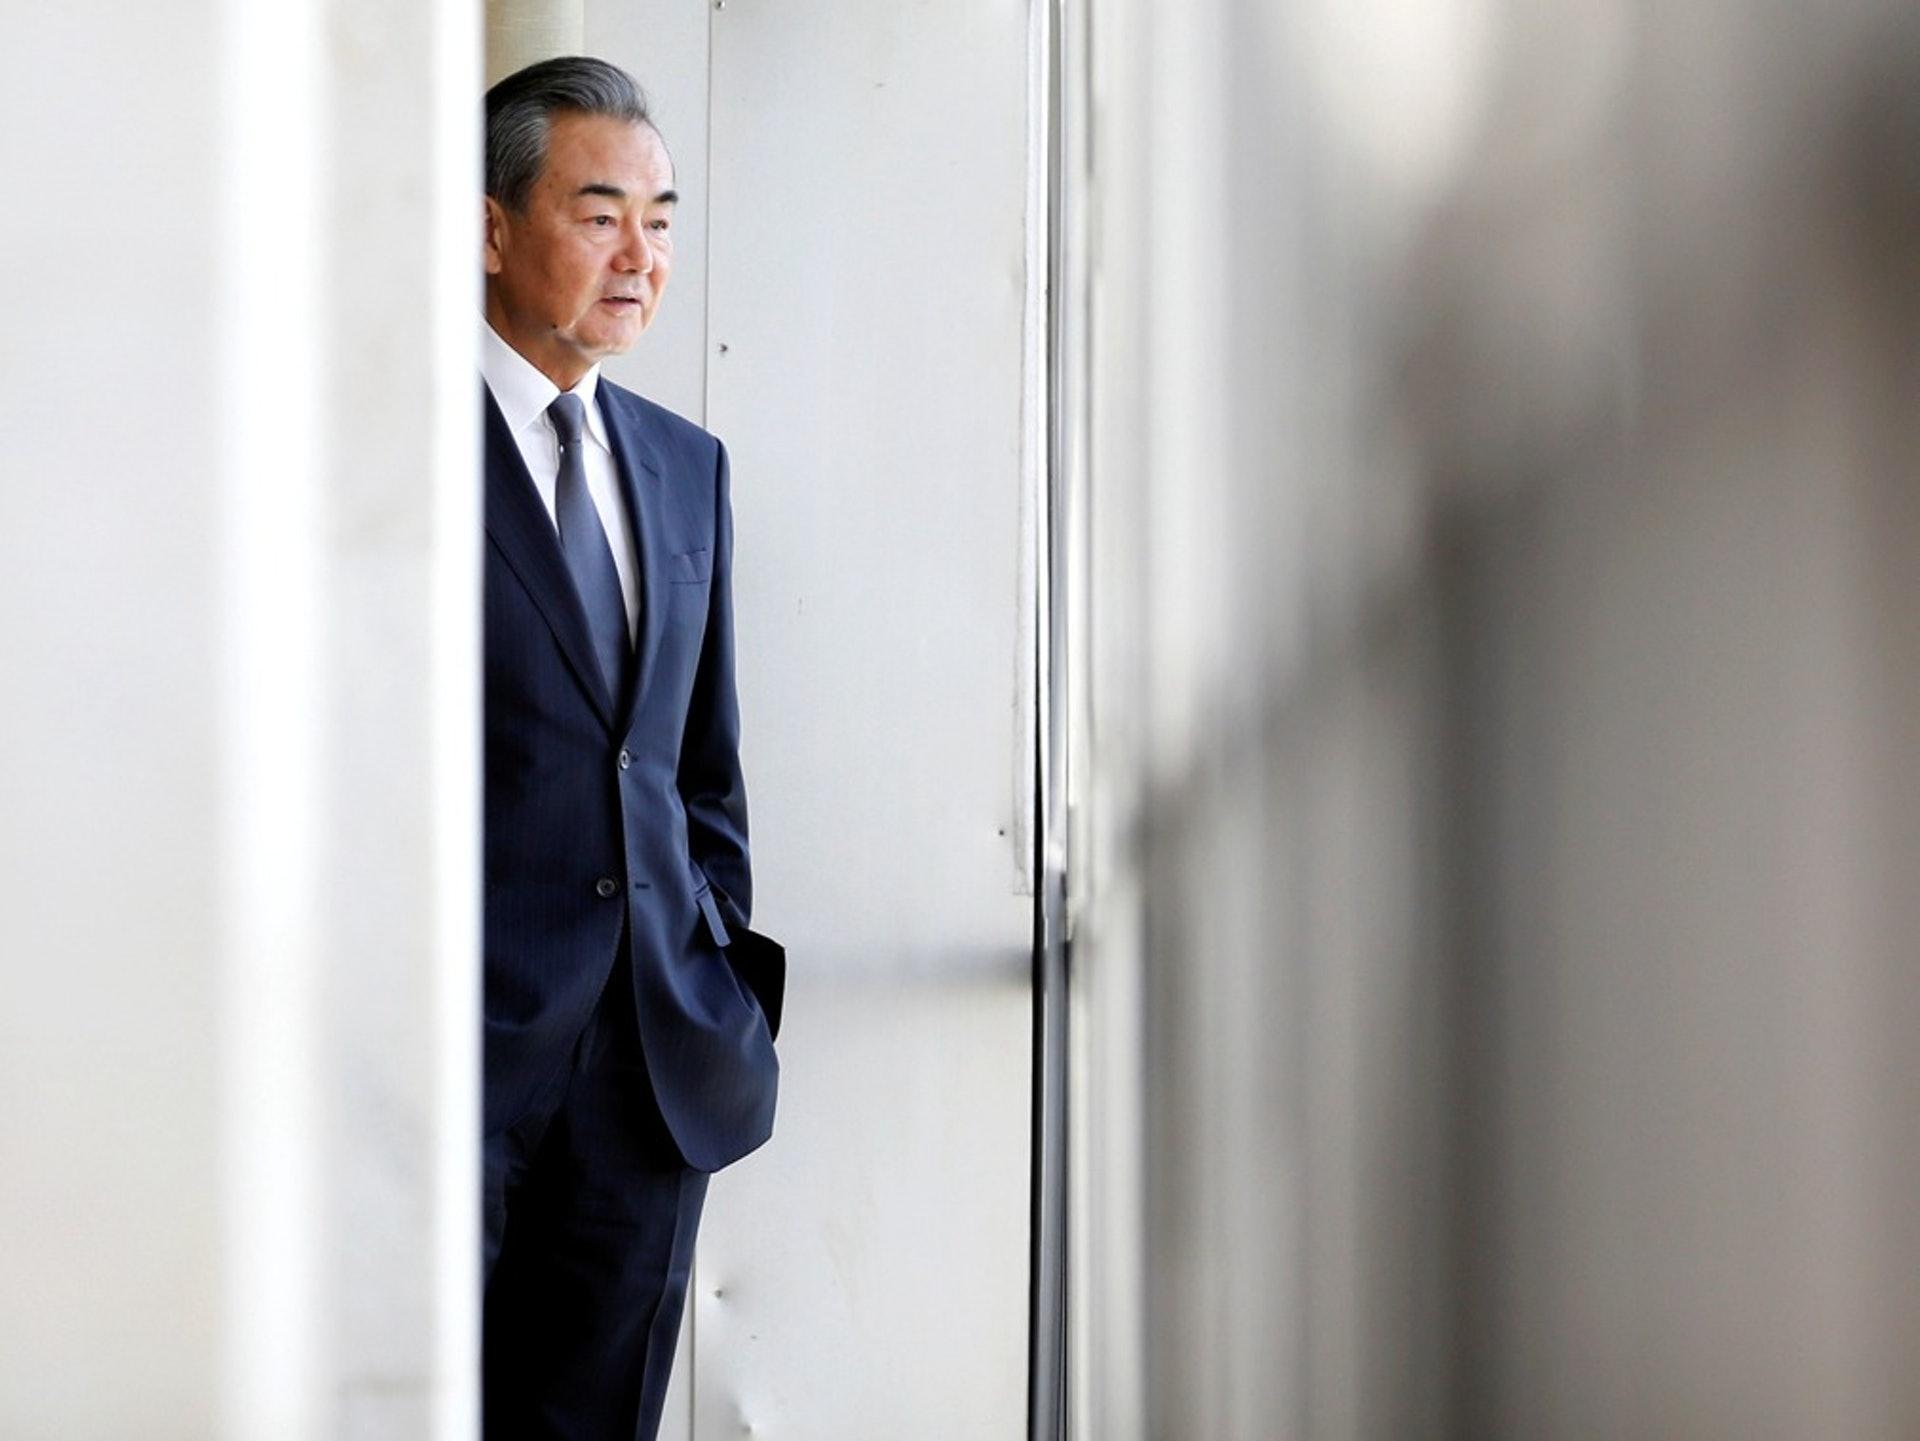 被中紀委點名批評,中國外交部不得不改的問題(圖)